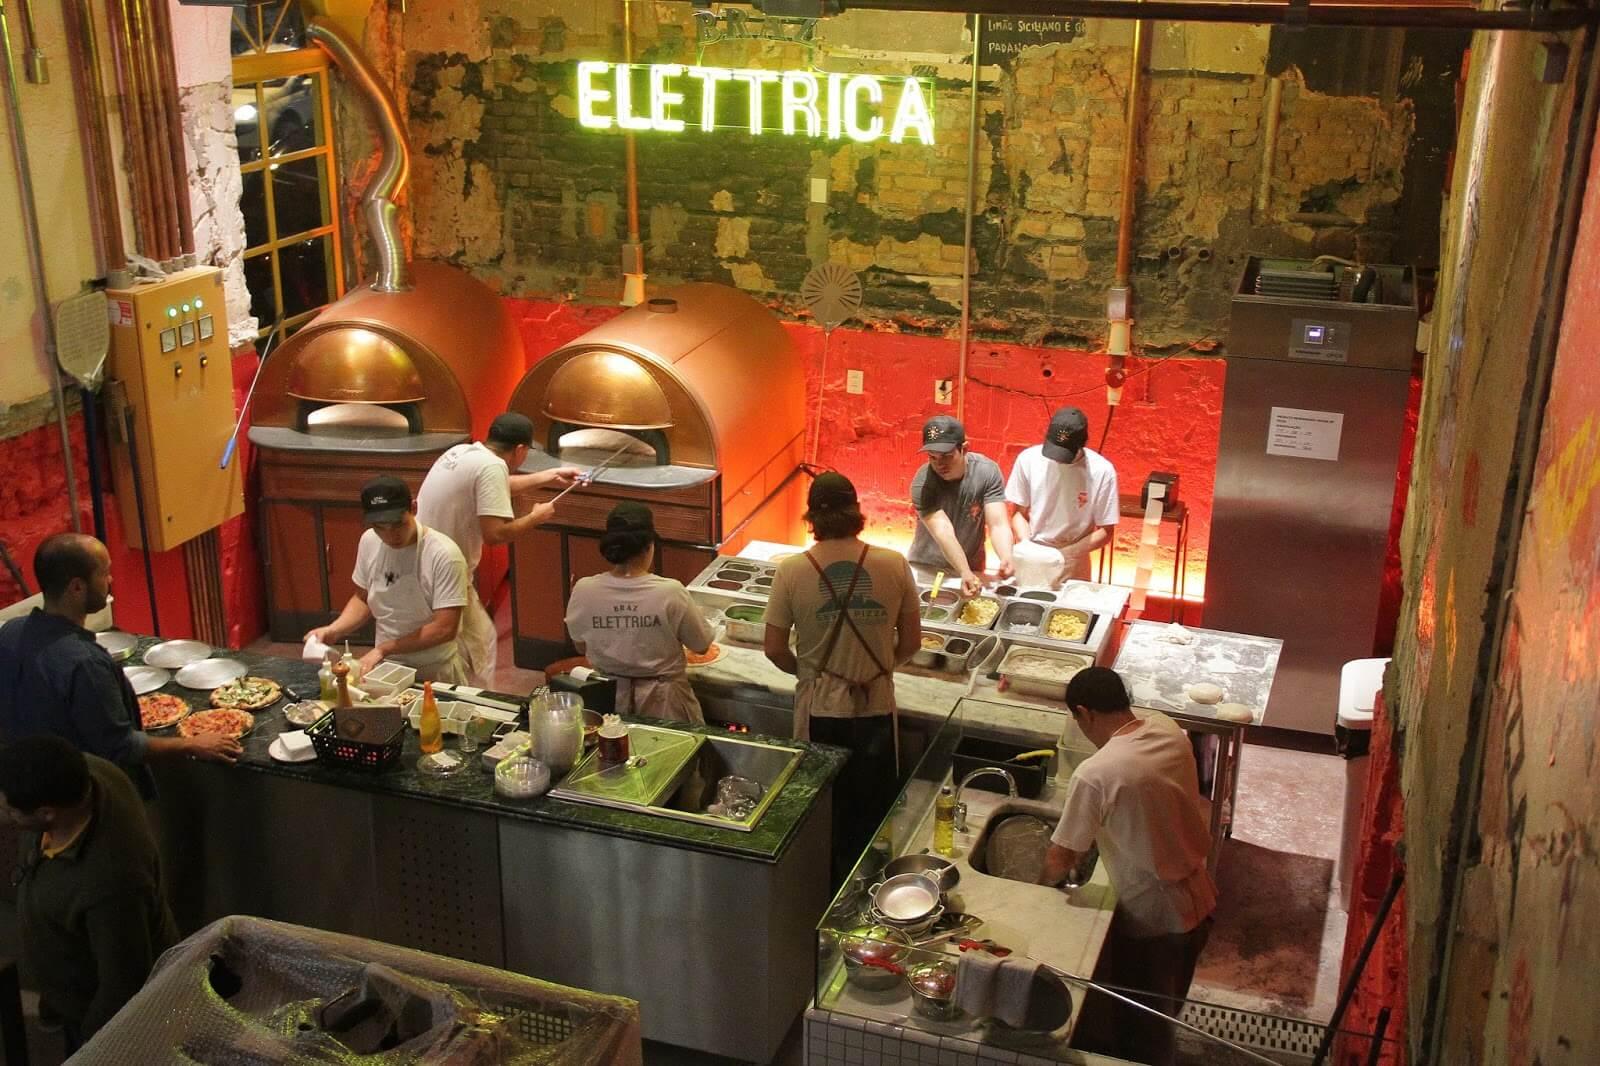 restaurantes em são paulo elettrica